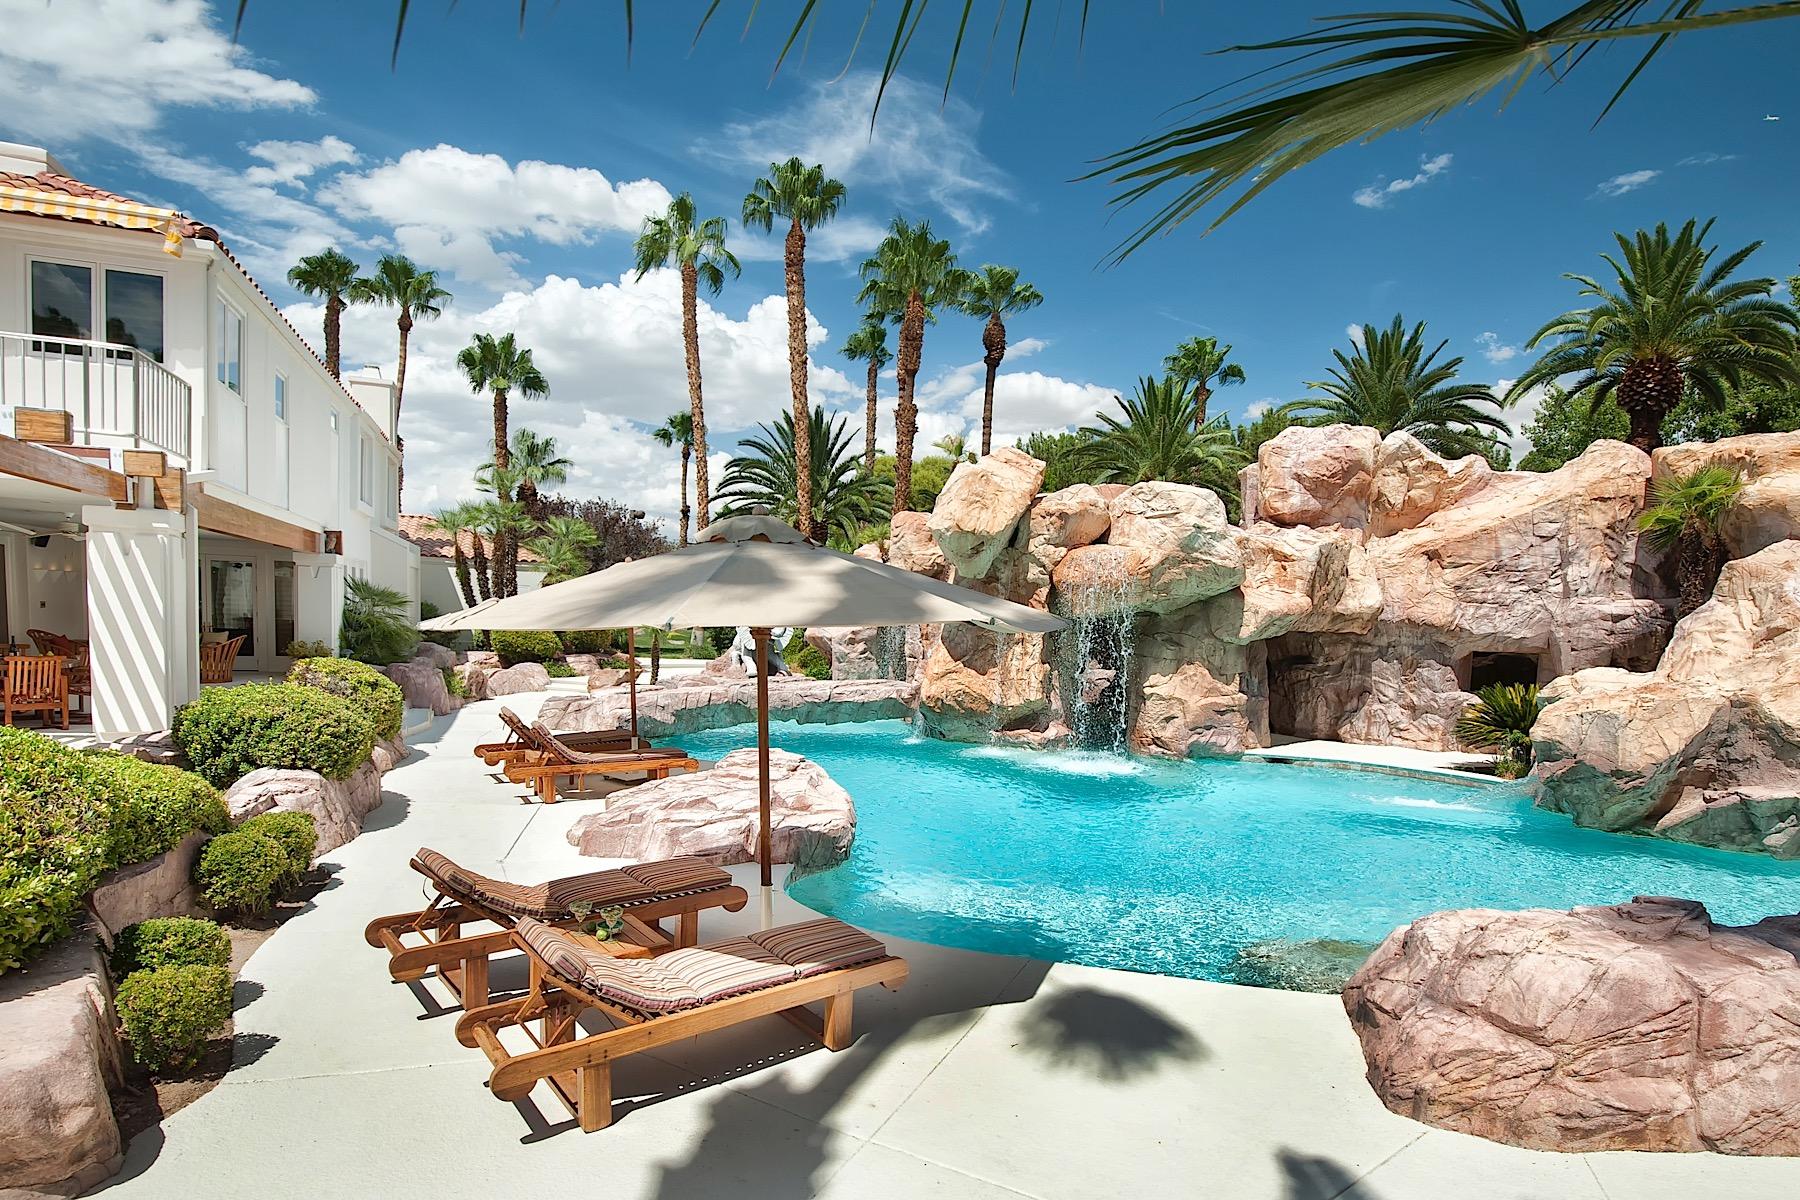 独户住宅 为 销售 在 The Primm Ranch 7000 Tomiyasu Lane Las Vegas, 内华达州 89120 美国